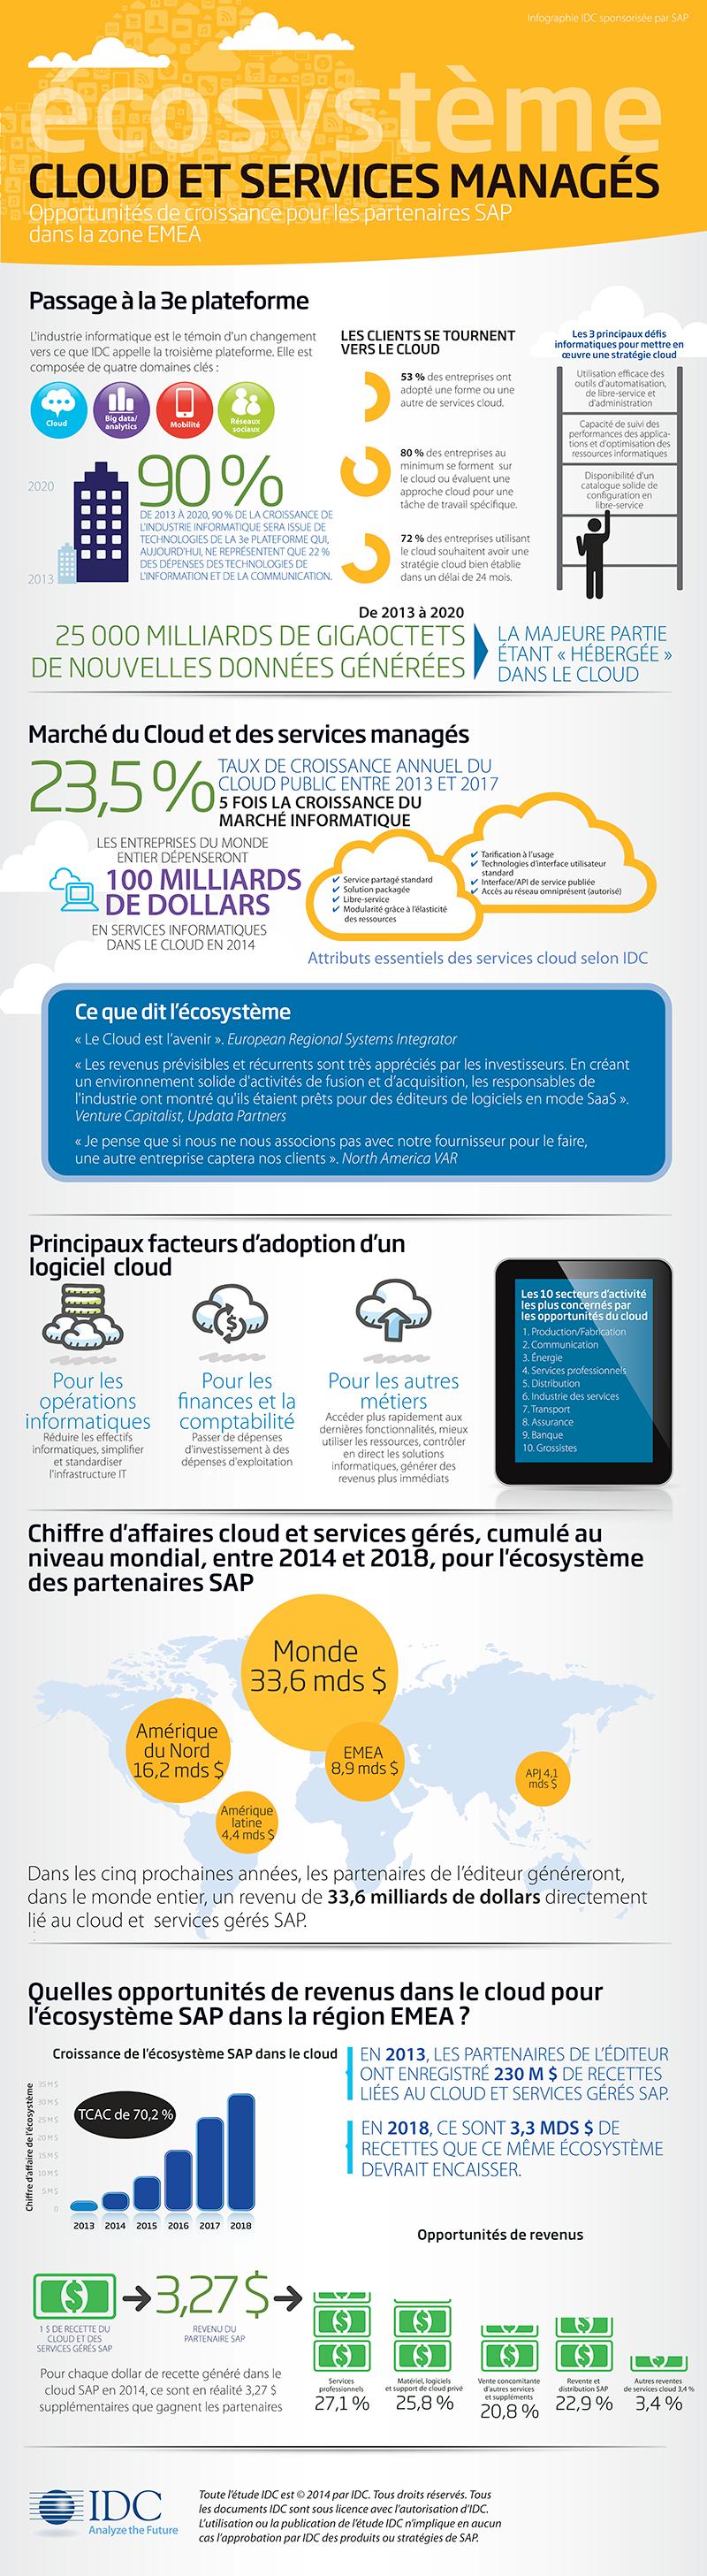 fra_cloudecosystem_emea